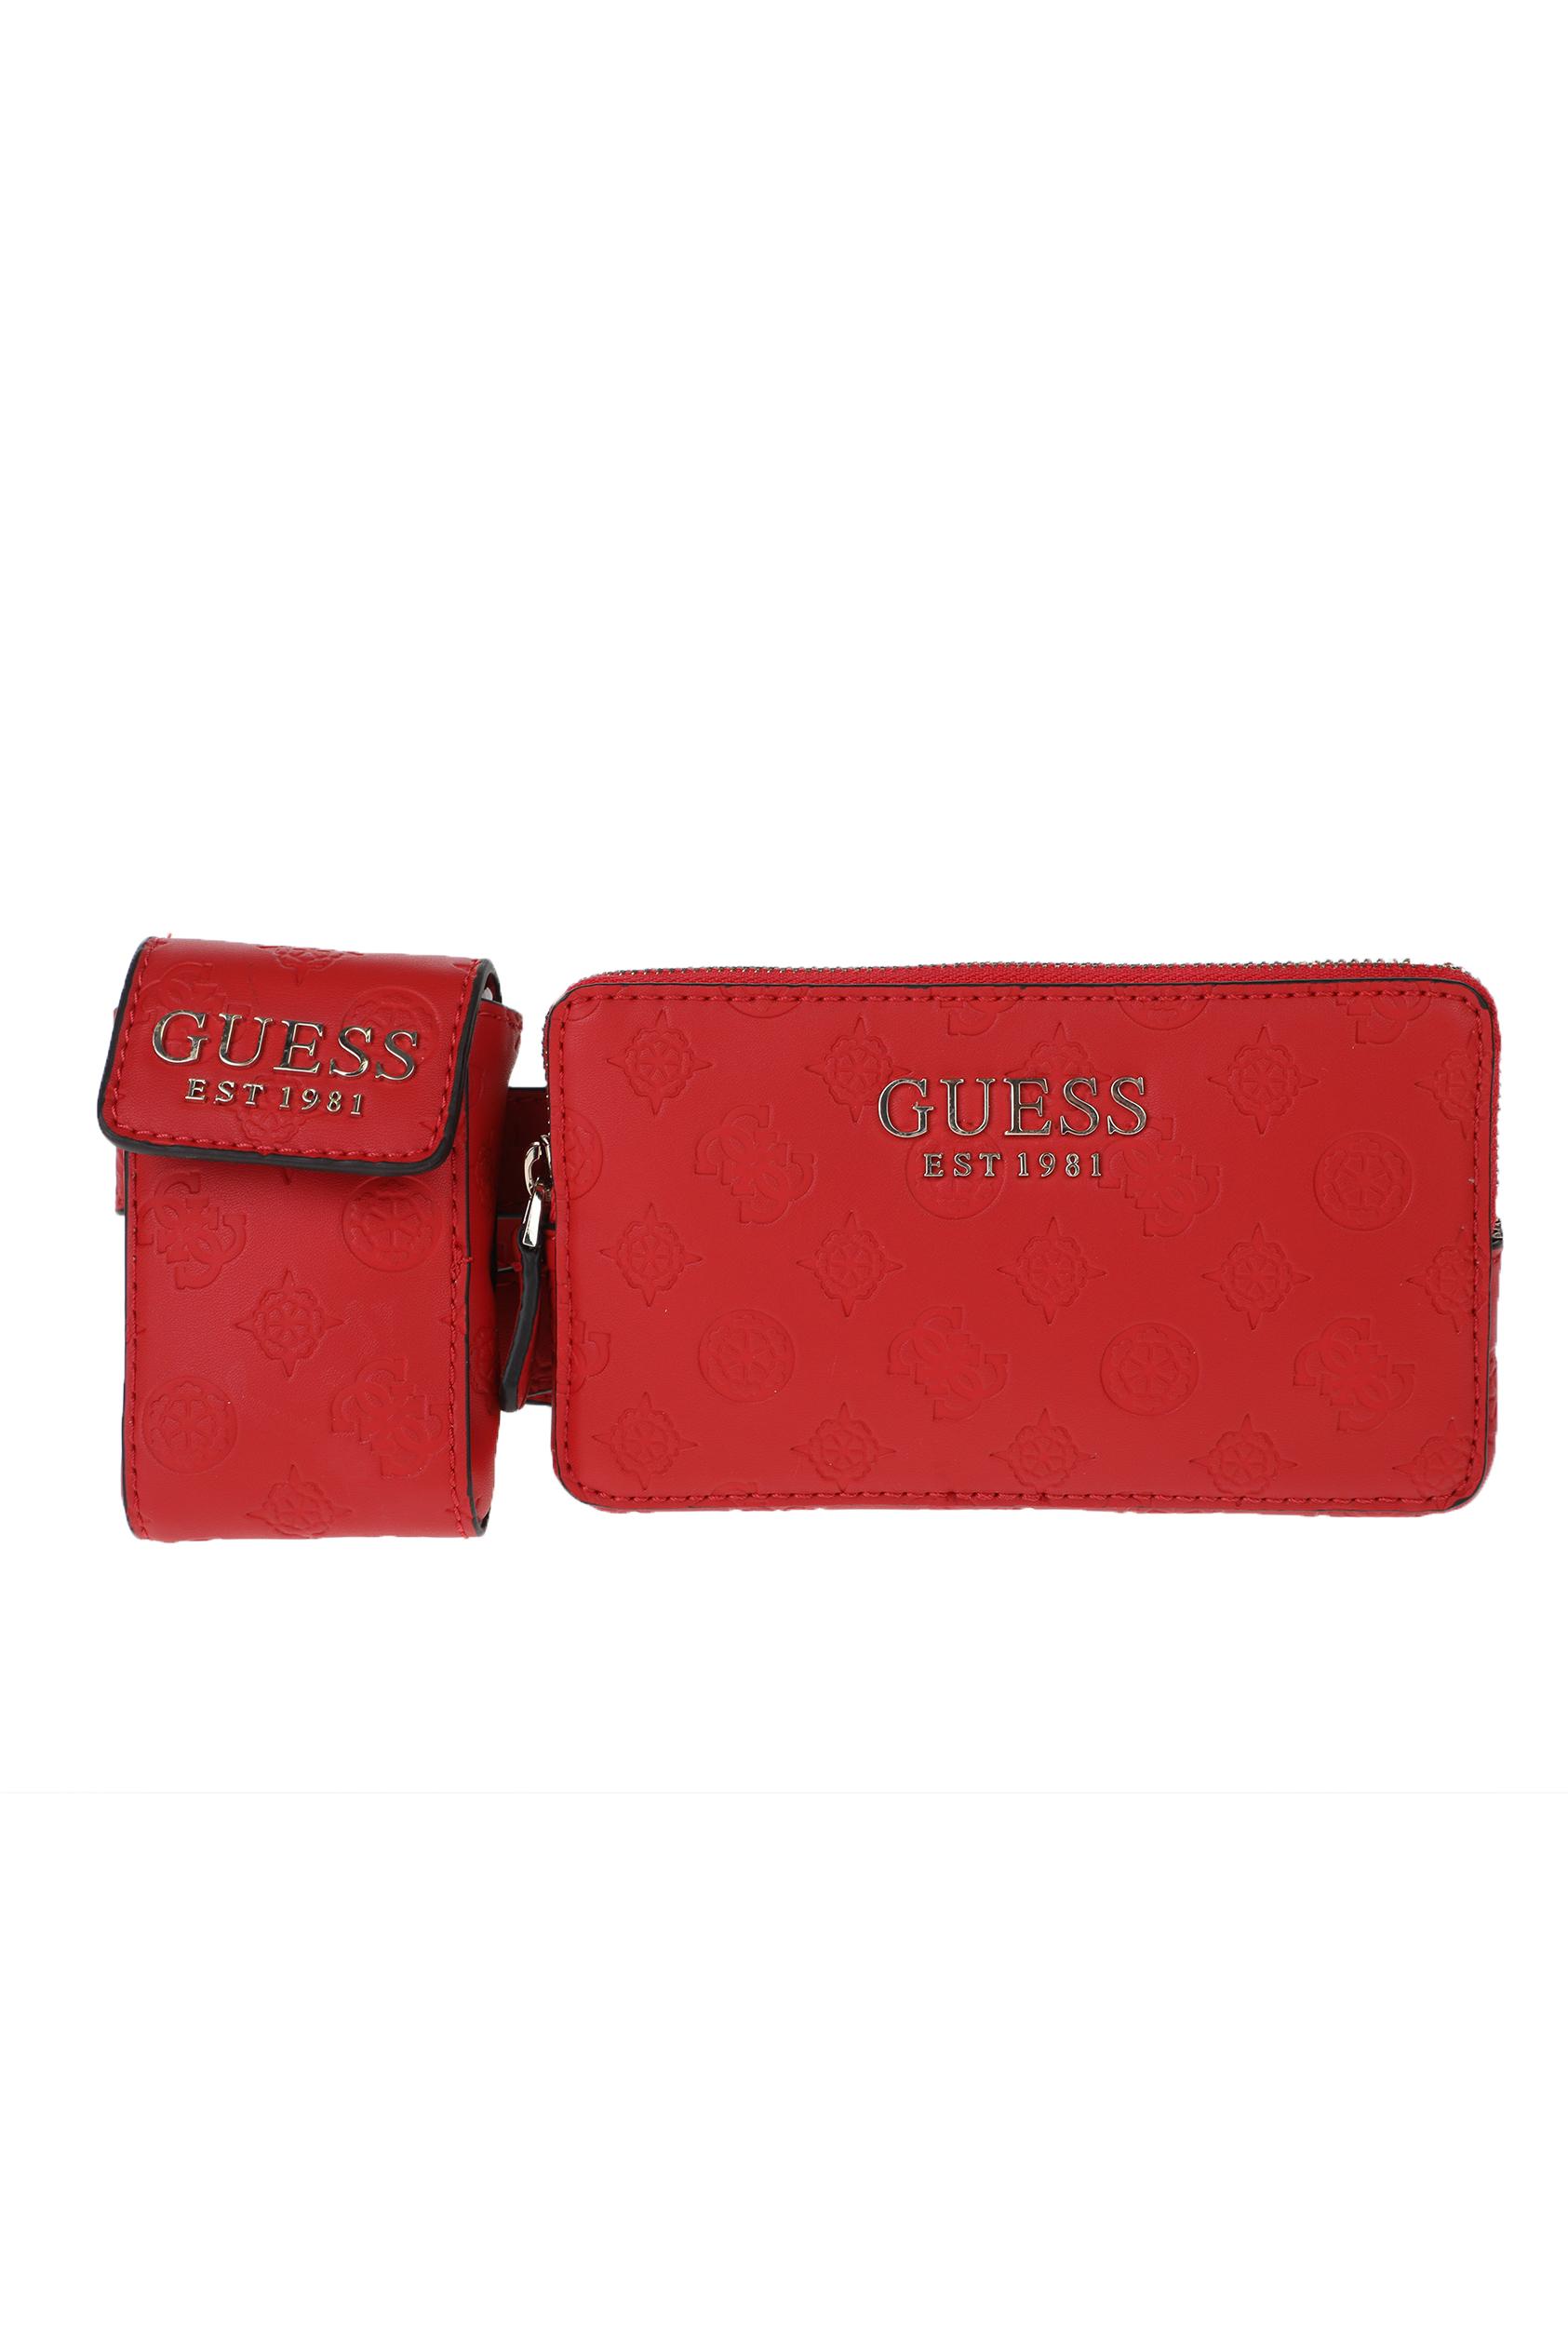 GUESS - Γυναικεία τσάντα μέσης GUESS κόκκινο γυναικεία αξεσουάρ τσάντες σακίδια μέσης